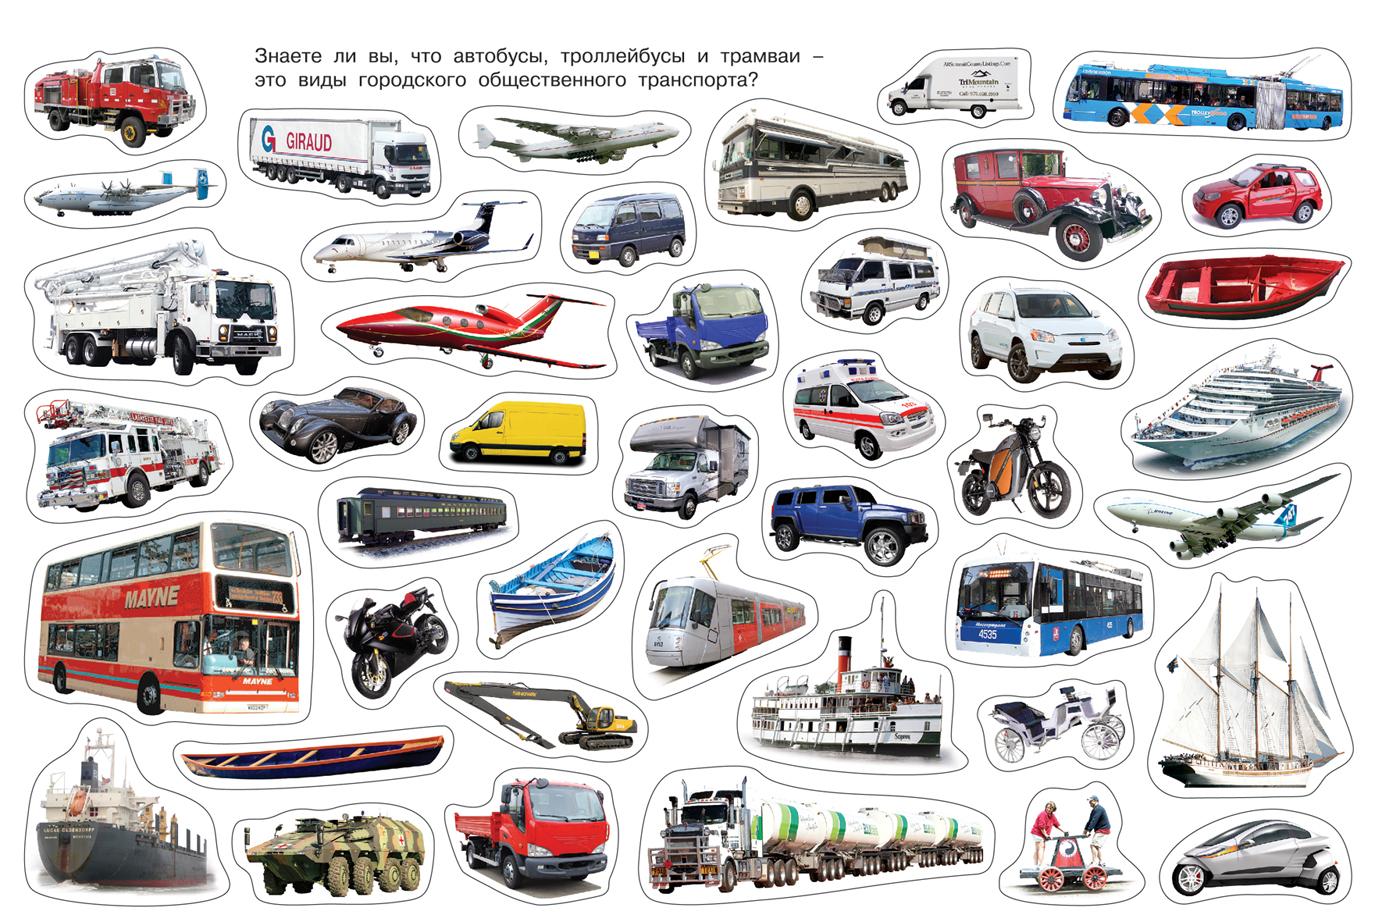 Картинки о транспорте для детей отдельно по видам изделий называется